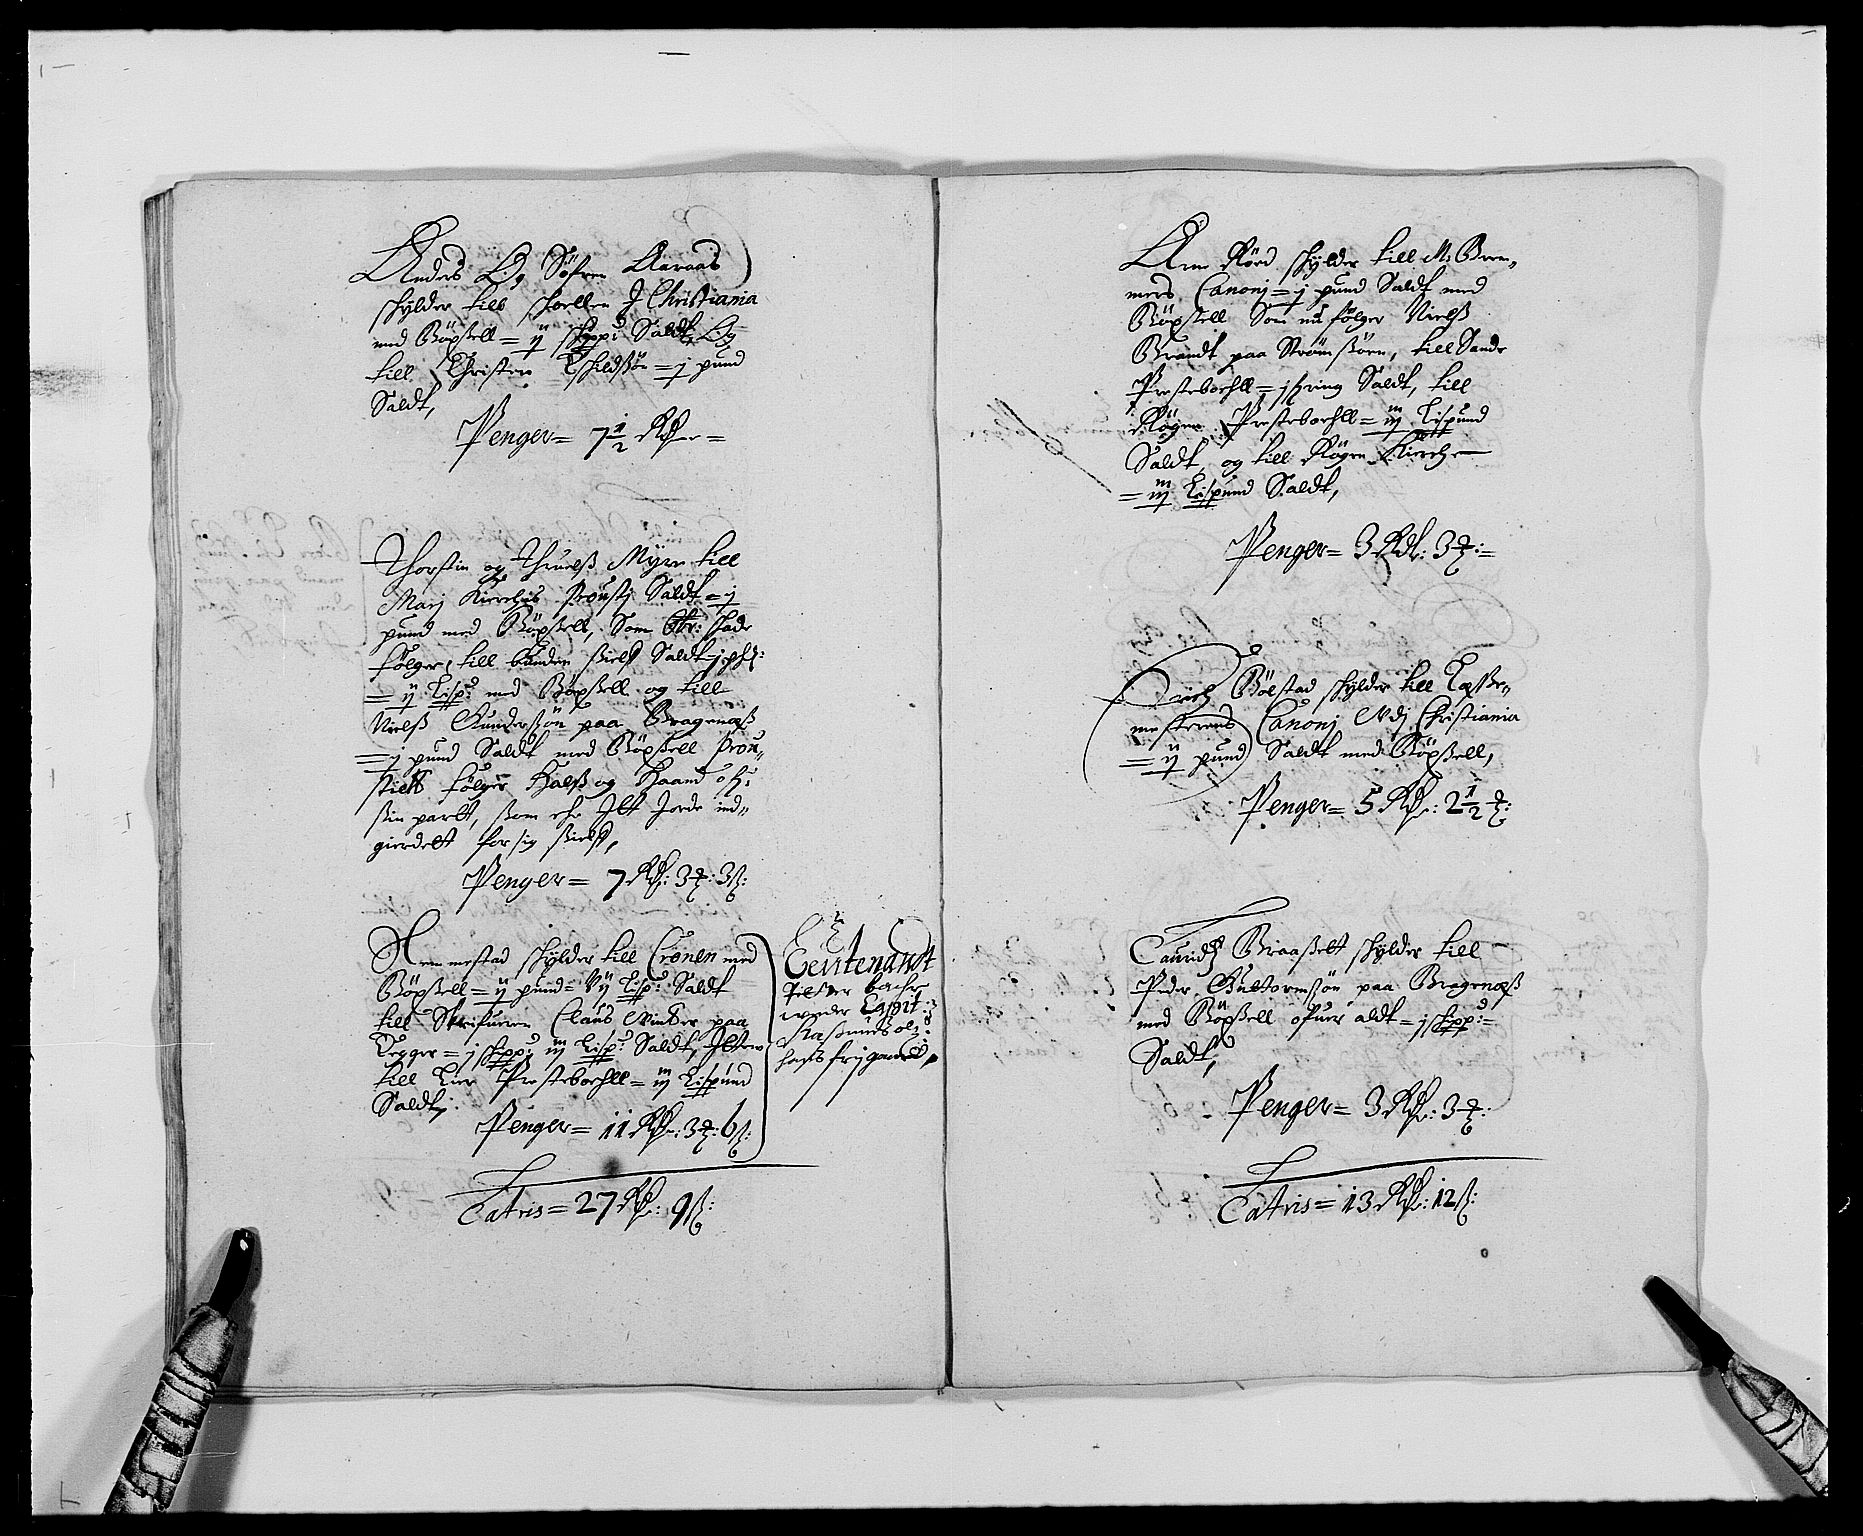 RA, Rentekammeret inntil 1814, Reviderte regnskaper, Fogderegnskap, R29/L1691: Fogderegnskap Hurum og Røyken, 1678-1681, p. 370